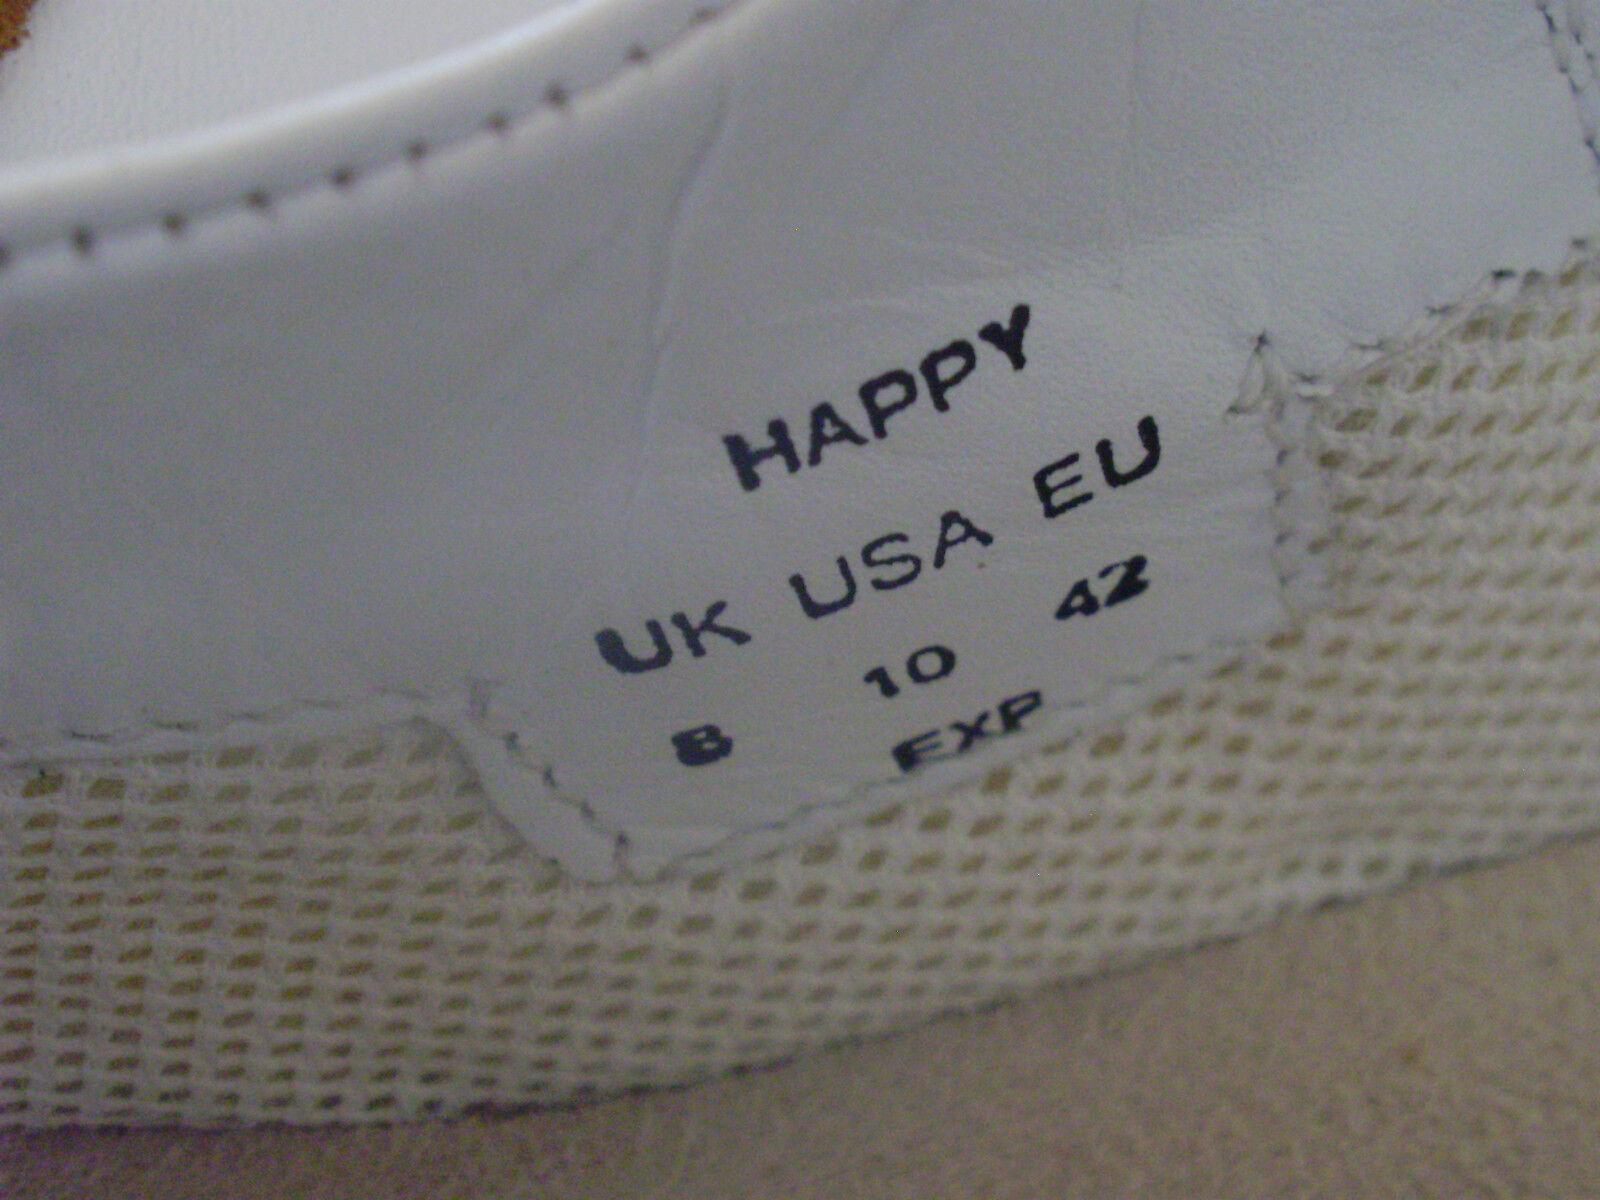 NEW HOTTER 'HAPPY' WHITE LEATHER SHOES EUR PUMPS FLATS UK 8 EUR SHOES 42 US 10 c663c7